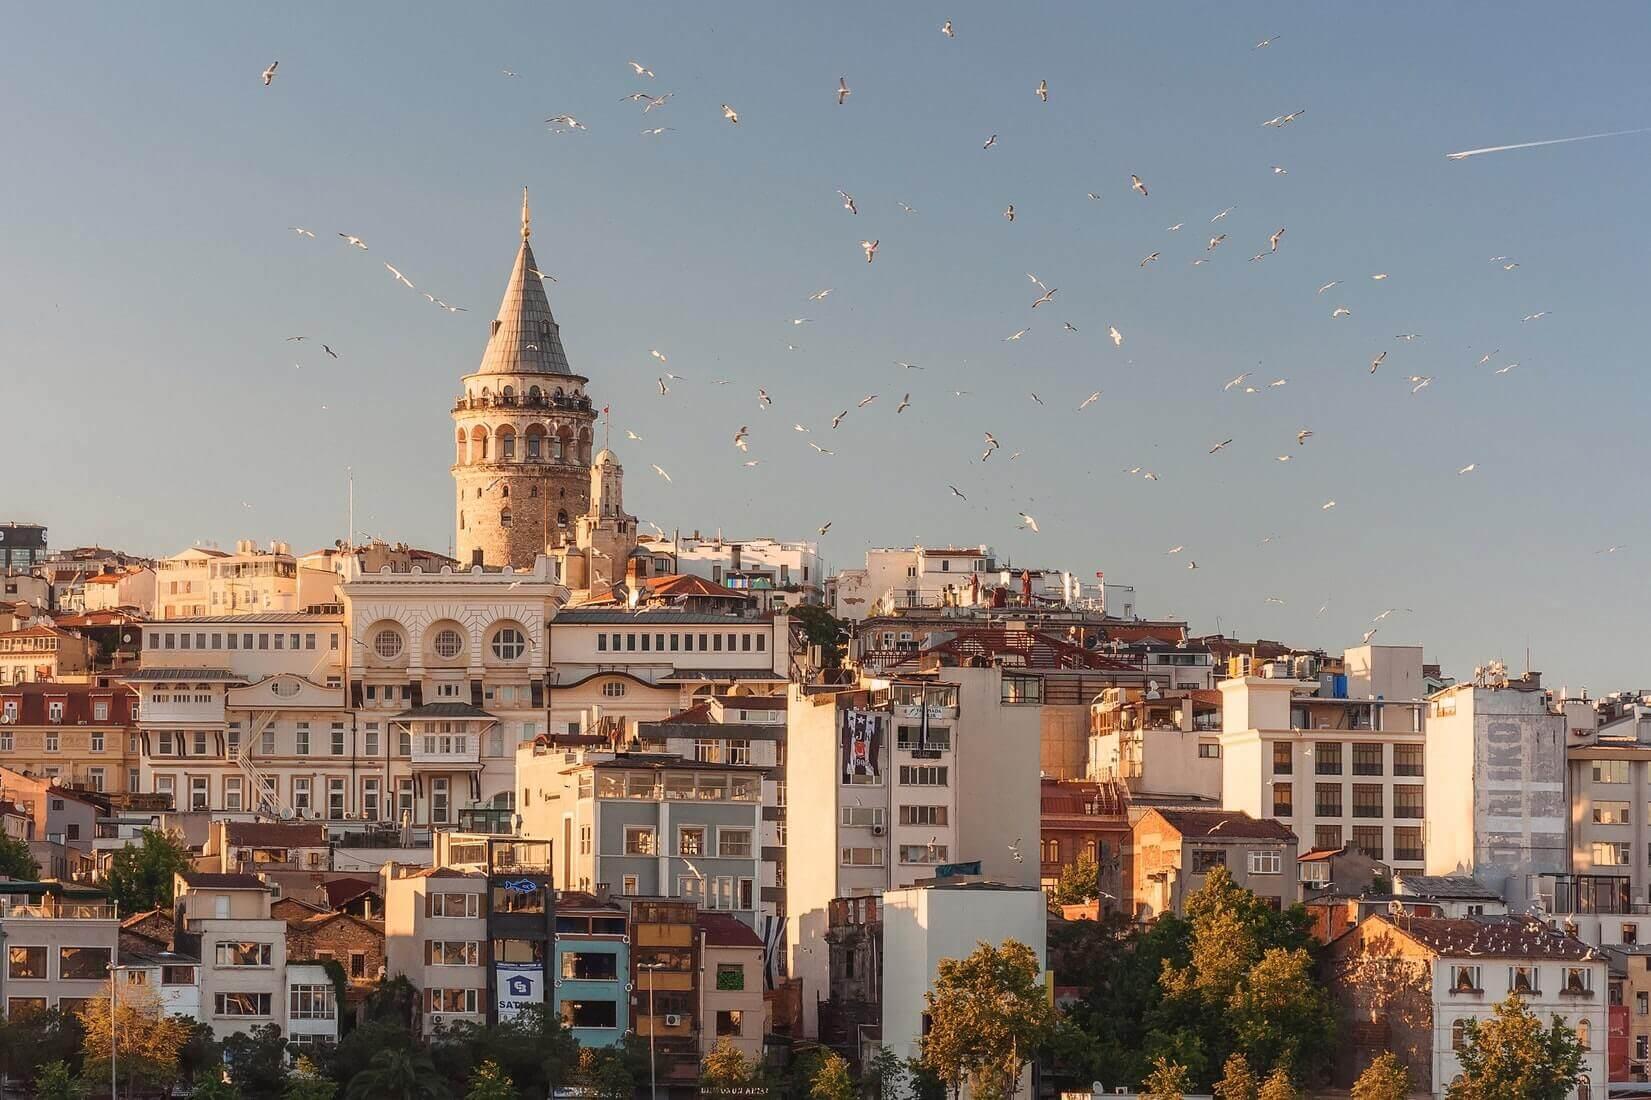 Цены в Стамбуле: сколько стоит твоя поездка на 5 дней?